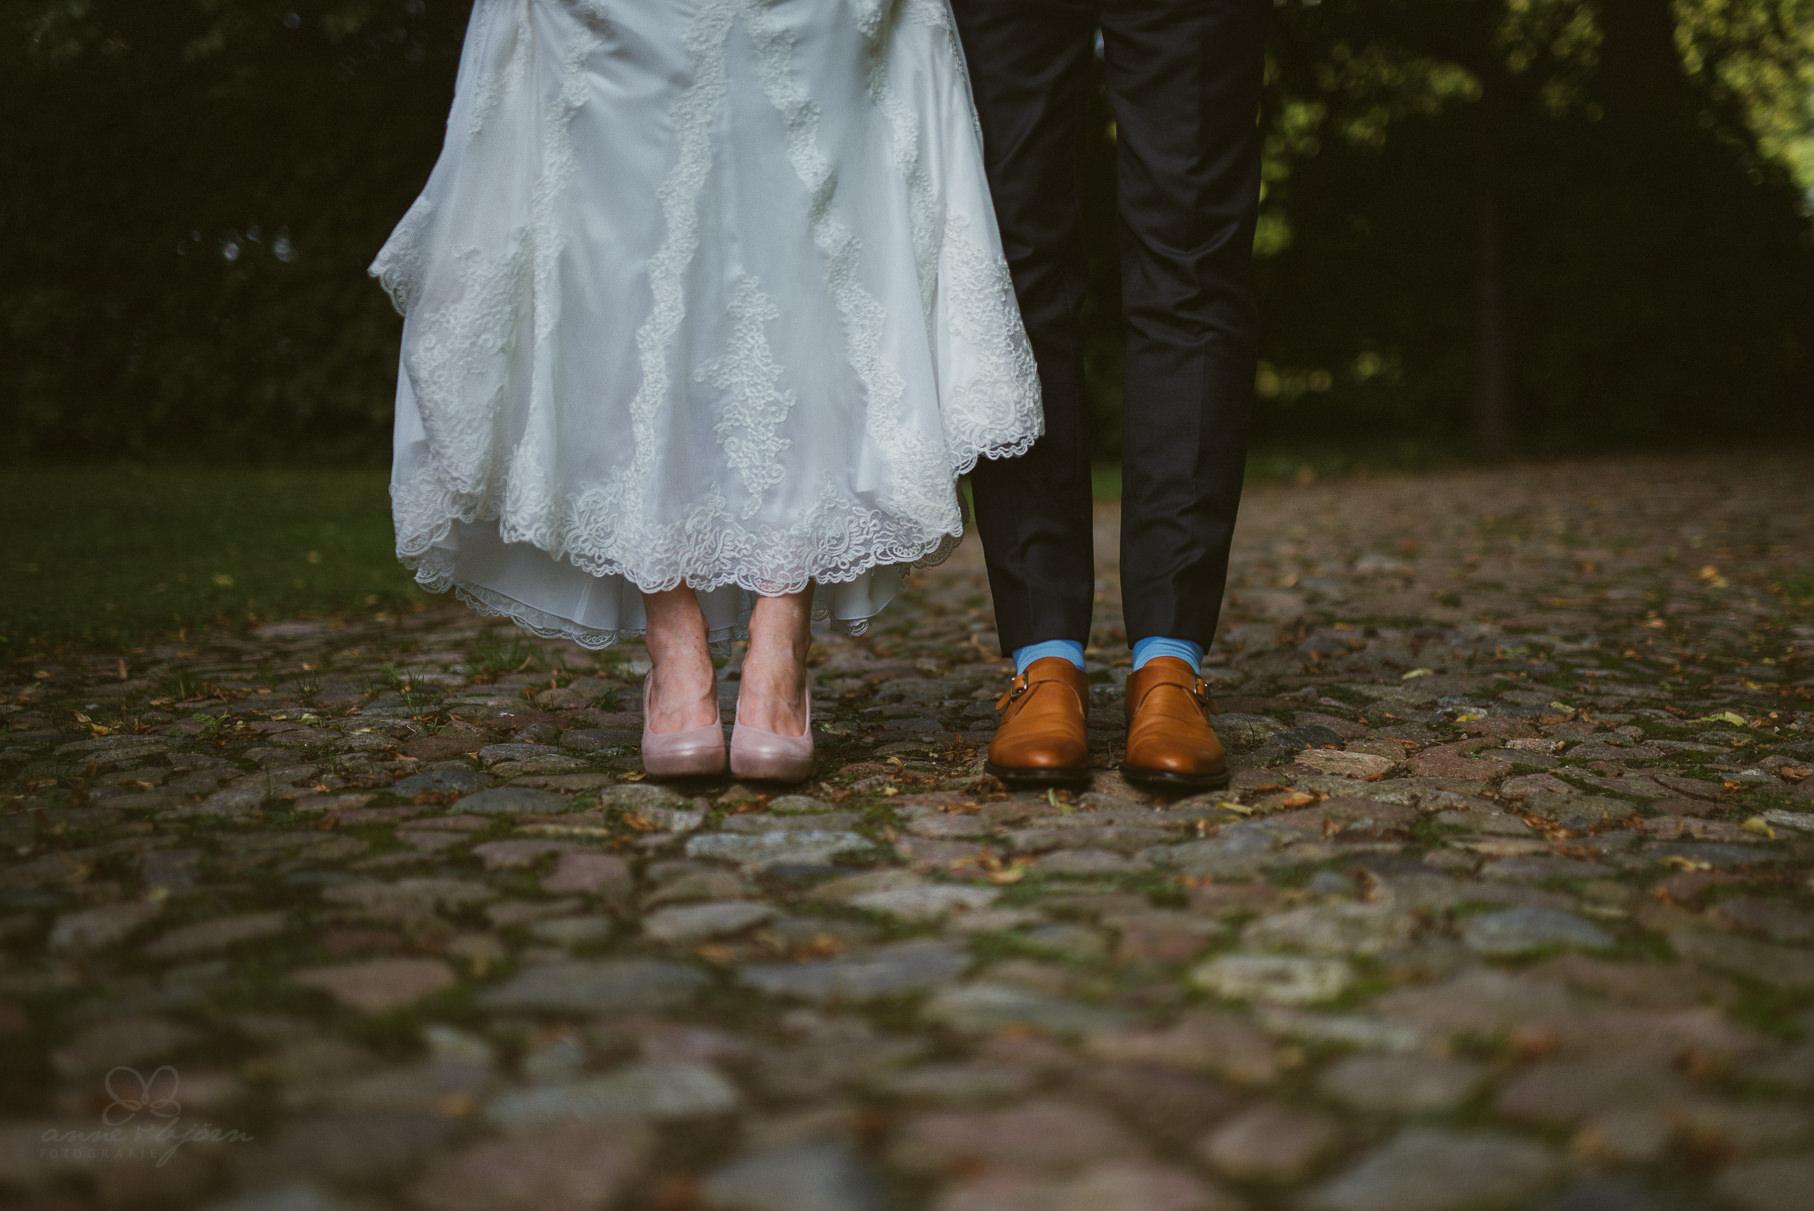 0116 anne und bjoern claudi und enno 811 3743 - Hochzeit auf Rügen (Klein Kubbelkow) - Claudi & Enno